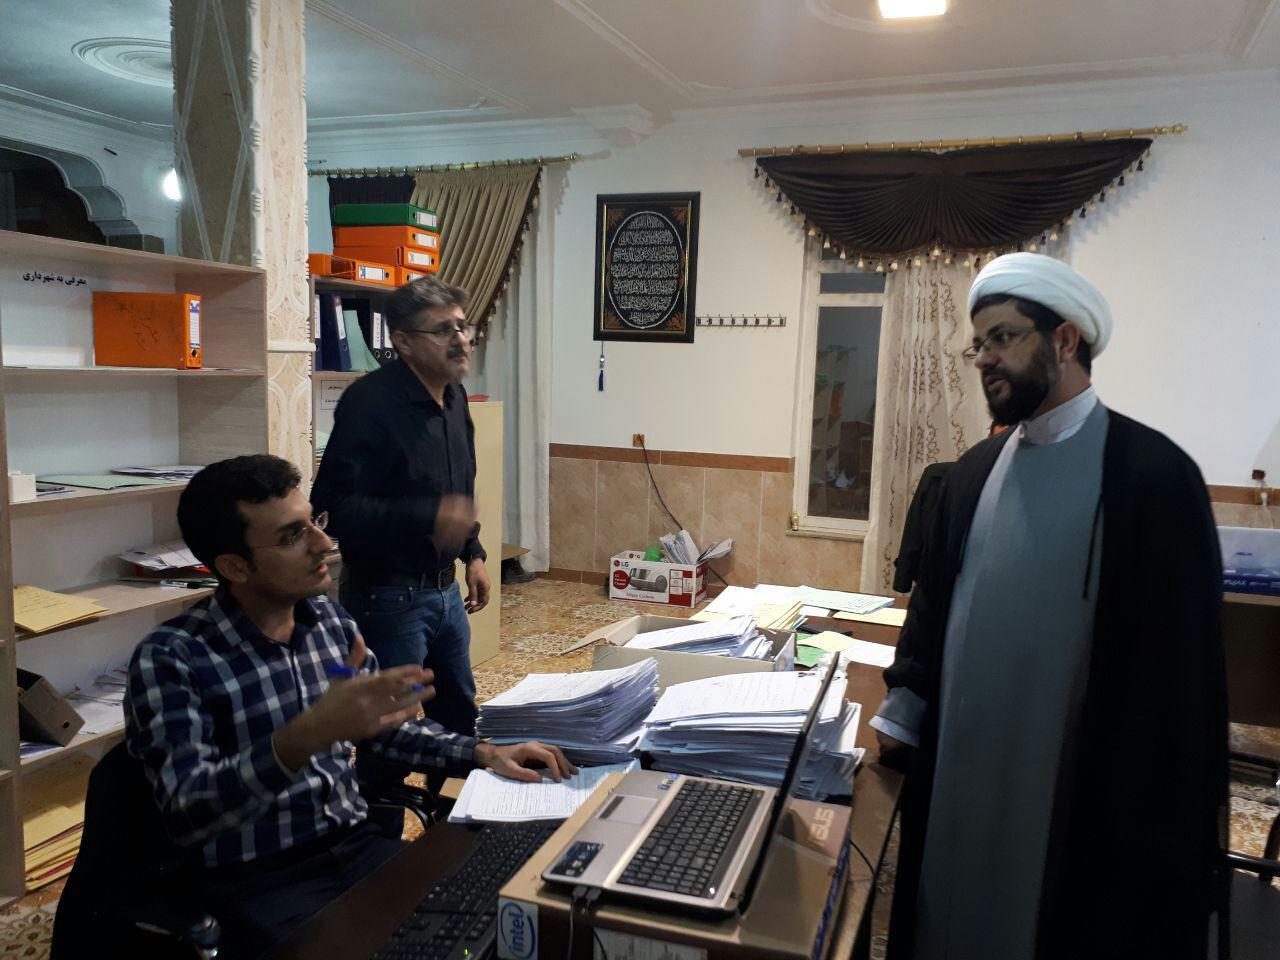 دیدارحجه السلام هاشمی امام جمعه محترم شهر قهدریجان از روند رسیدگی به پرونده خانواده های شهدا